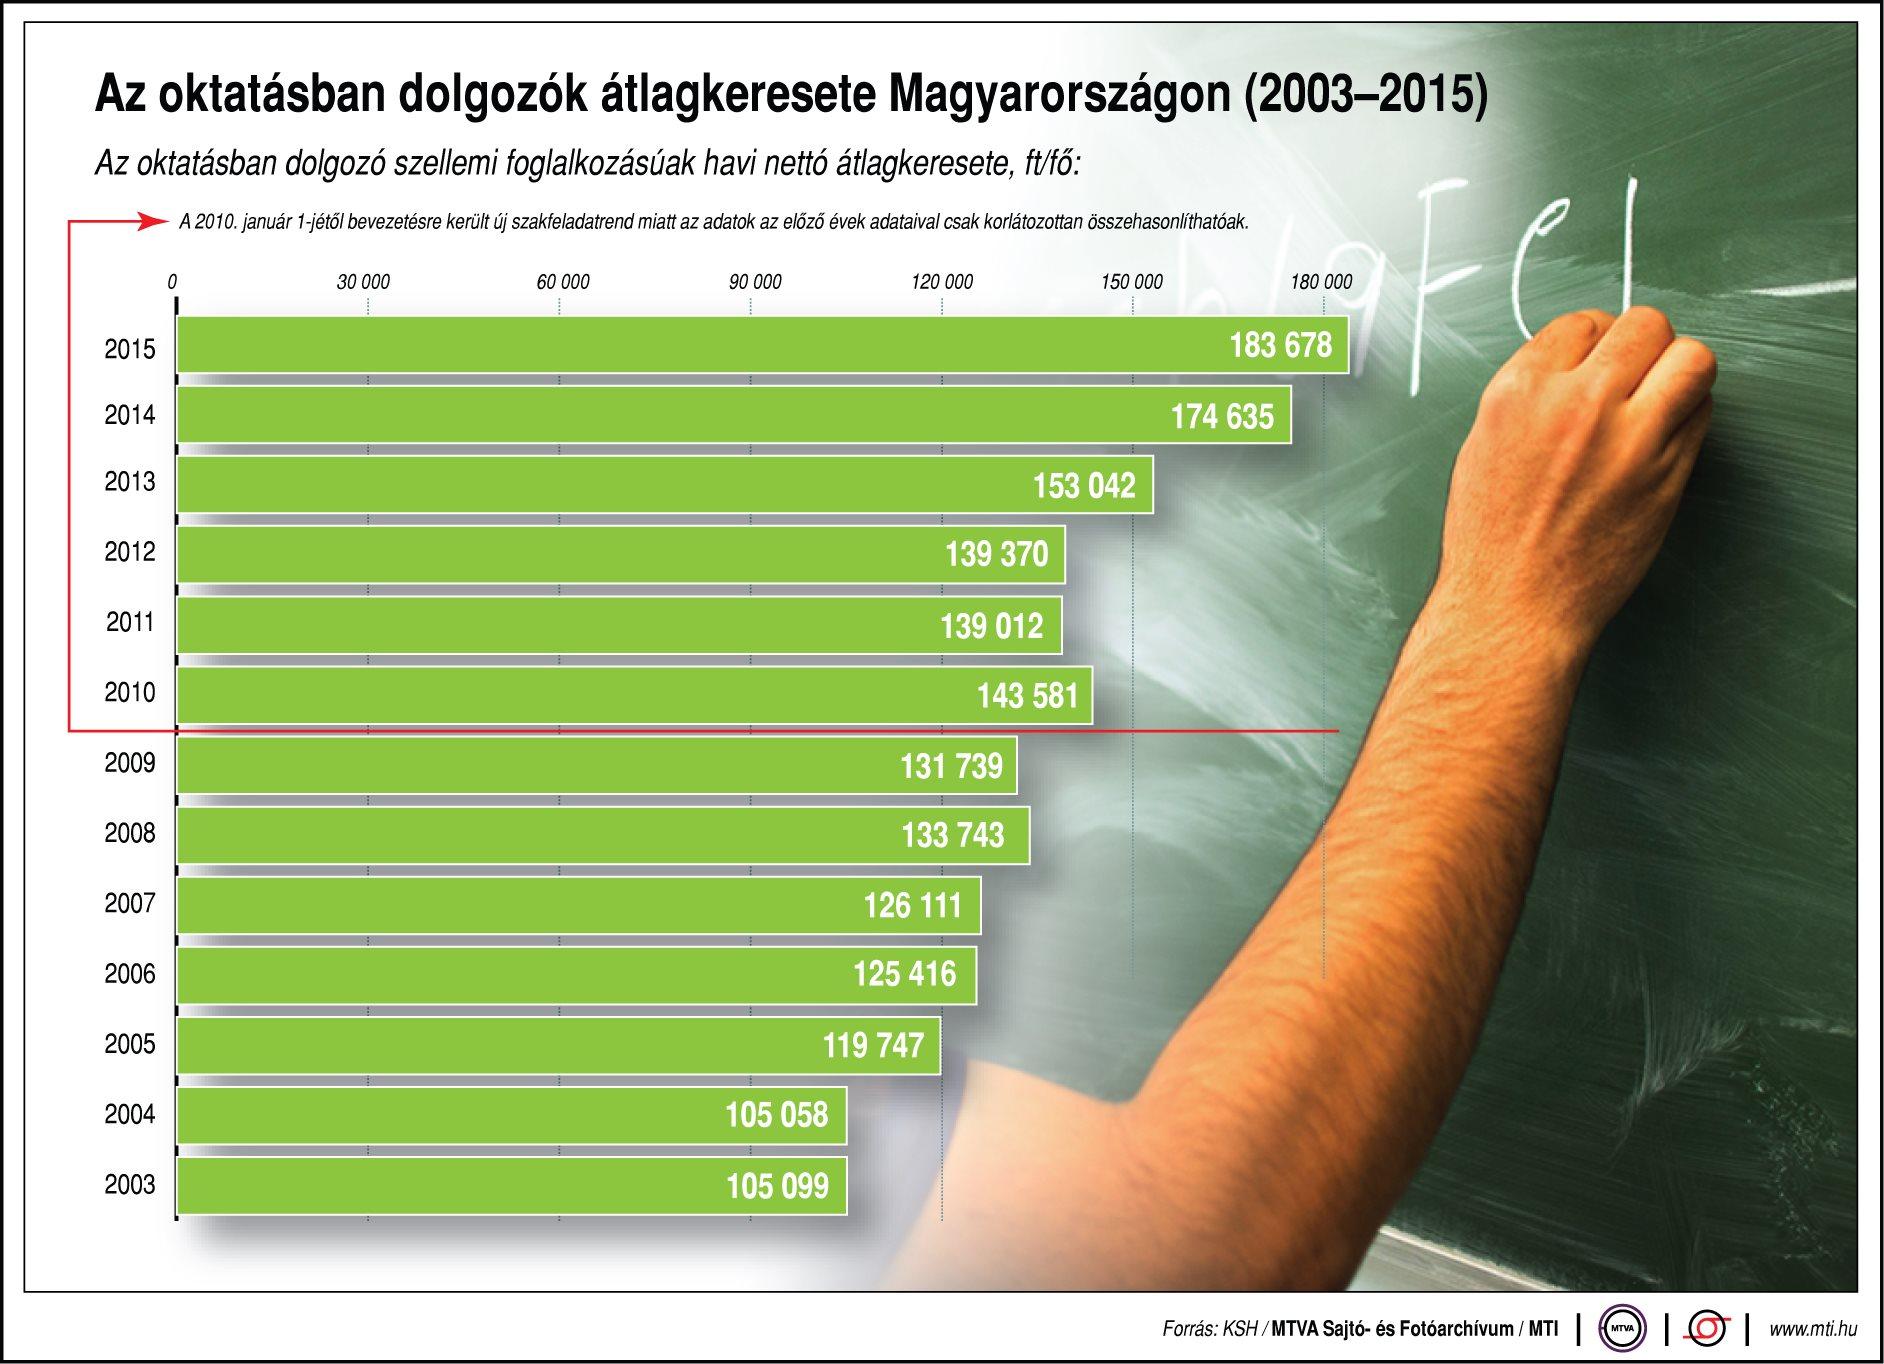 Ennyit keres most Magyarországon, aki oktatásban dolgozik - ábra